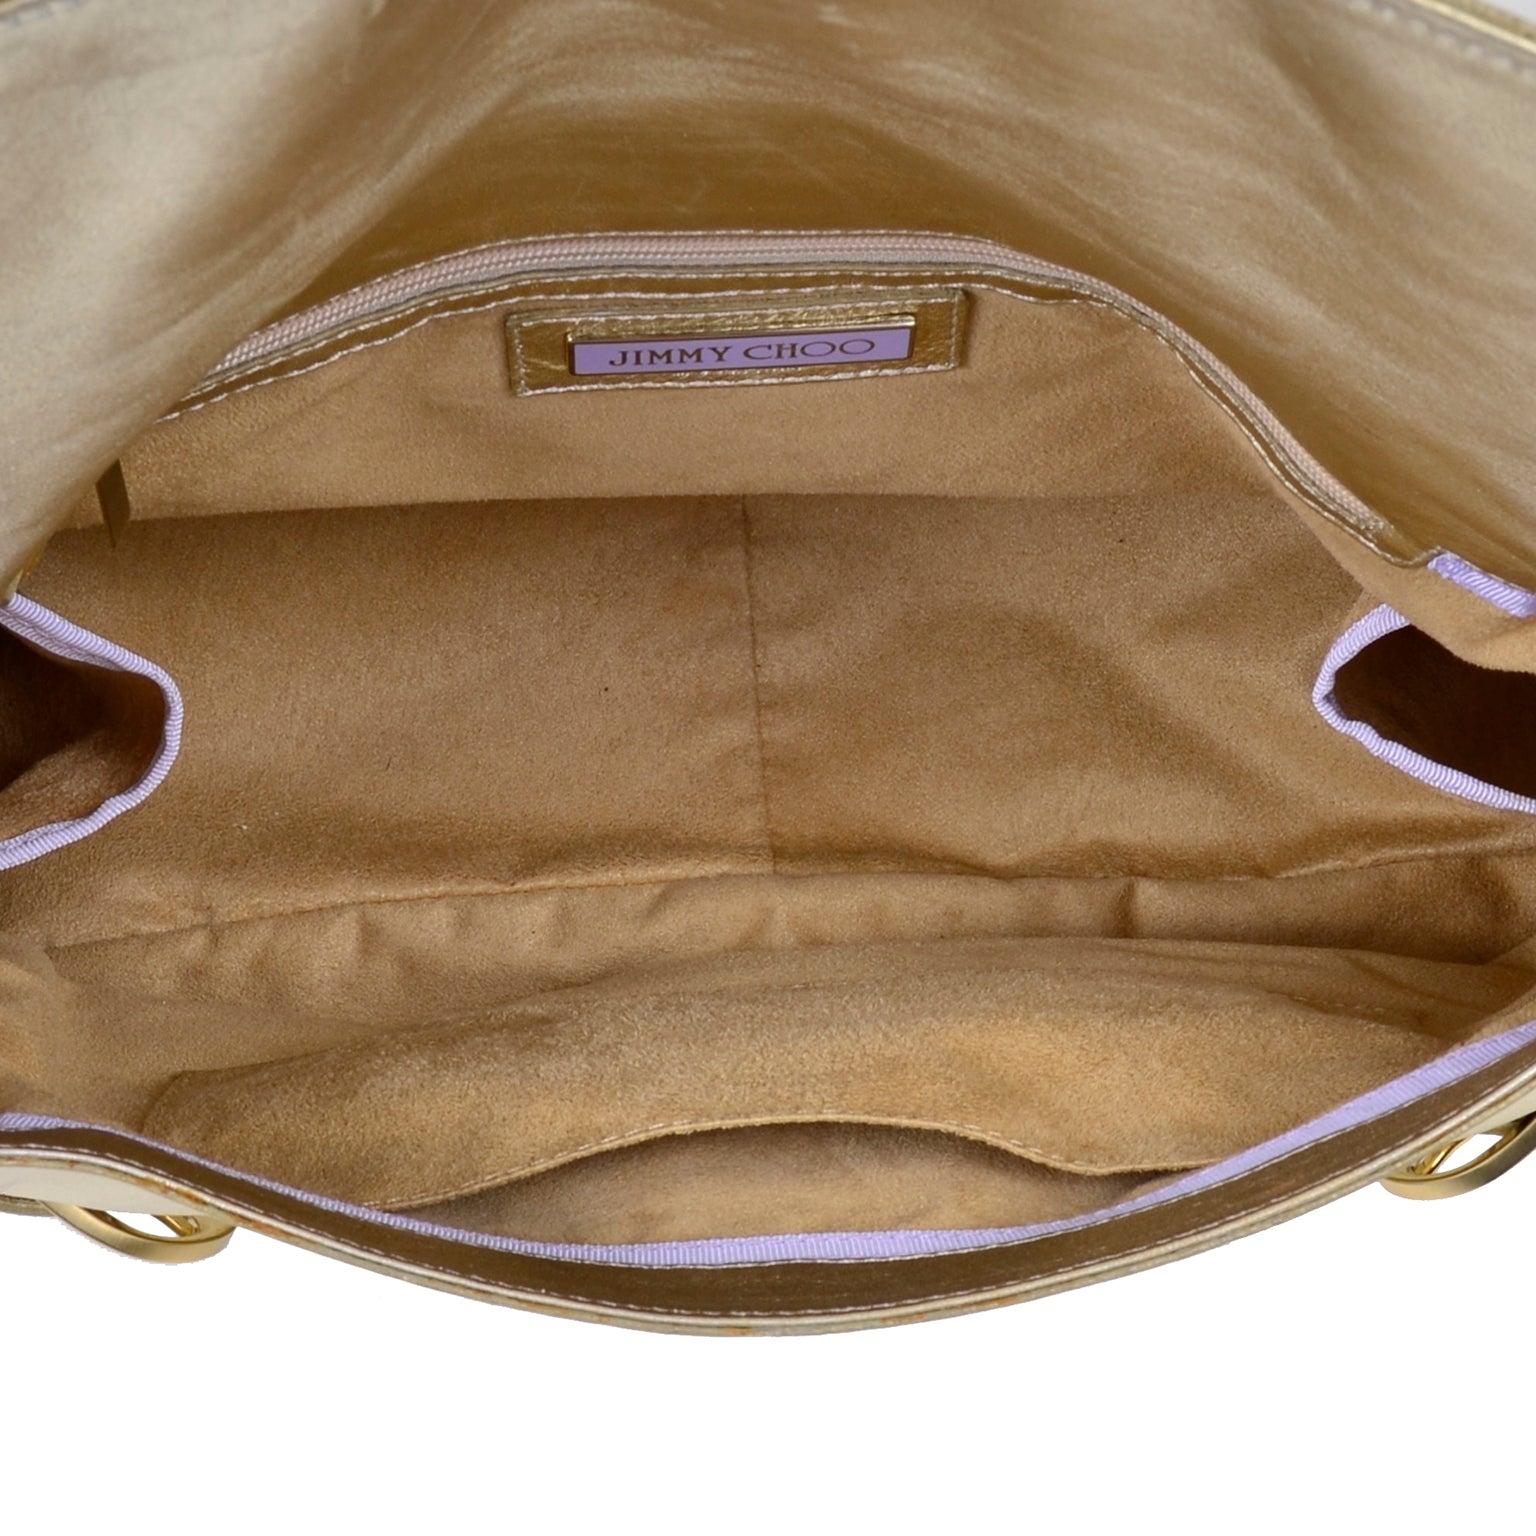 529379b8dd Jimmy Choo Vintage Gold Leather Hobo Bag Handbag For Sale at 1stdibs